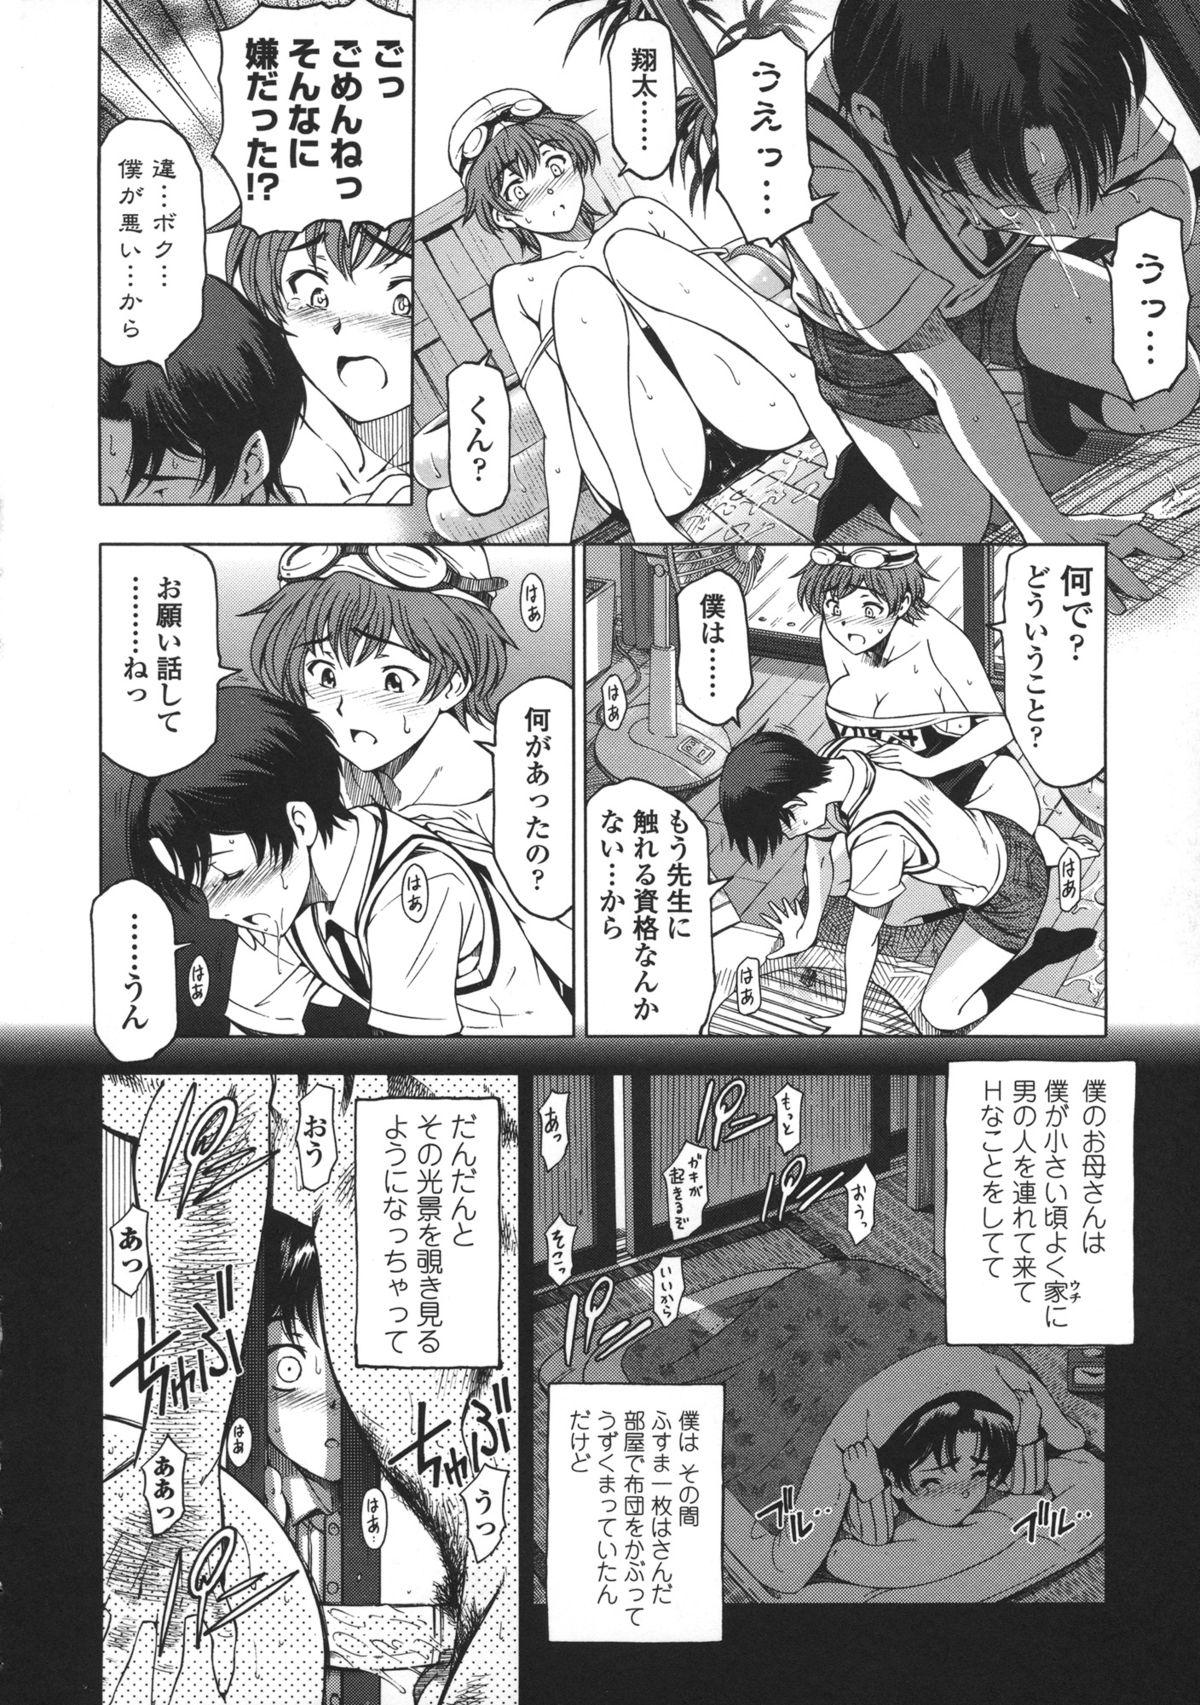 Ane wa Shota o Suki ni Naru 206